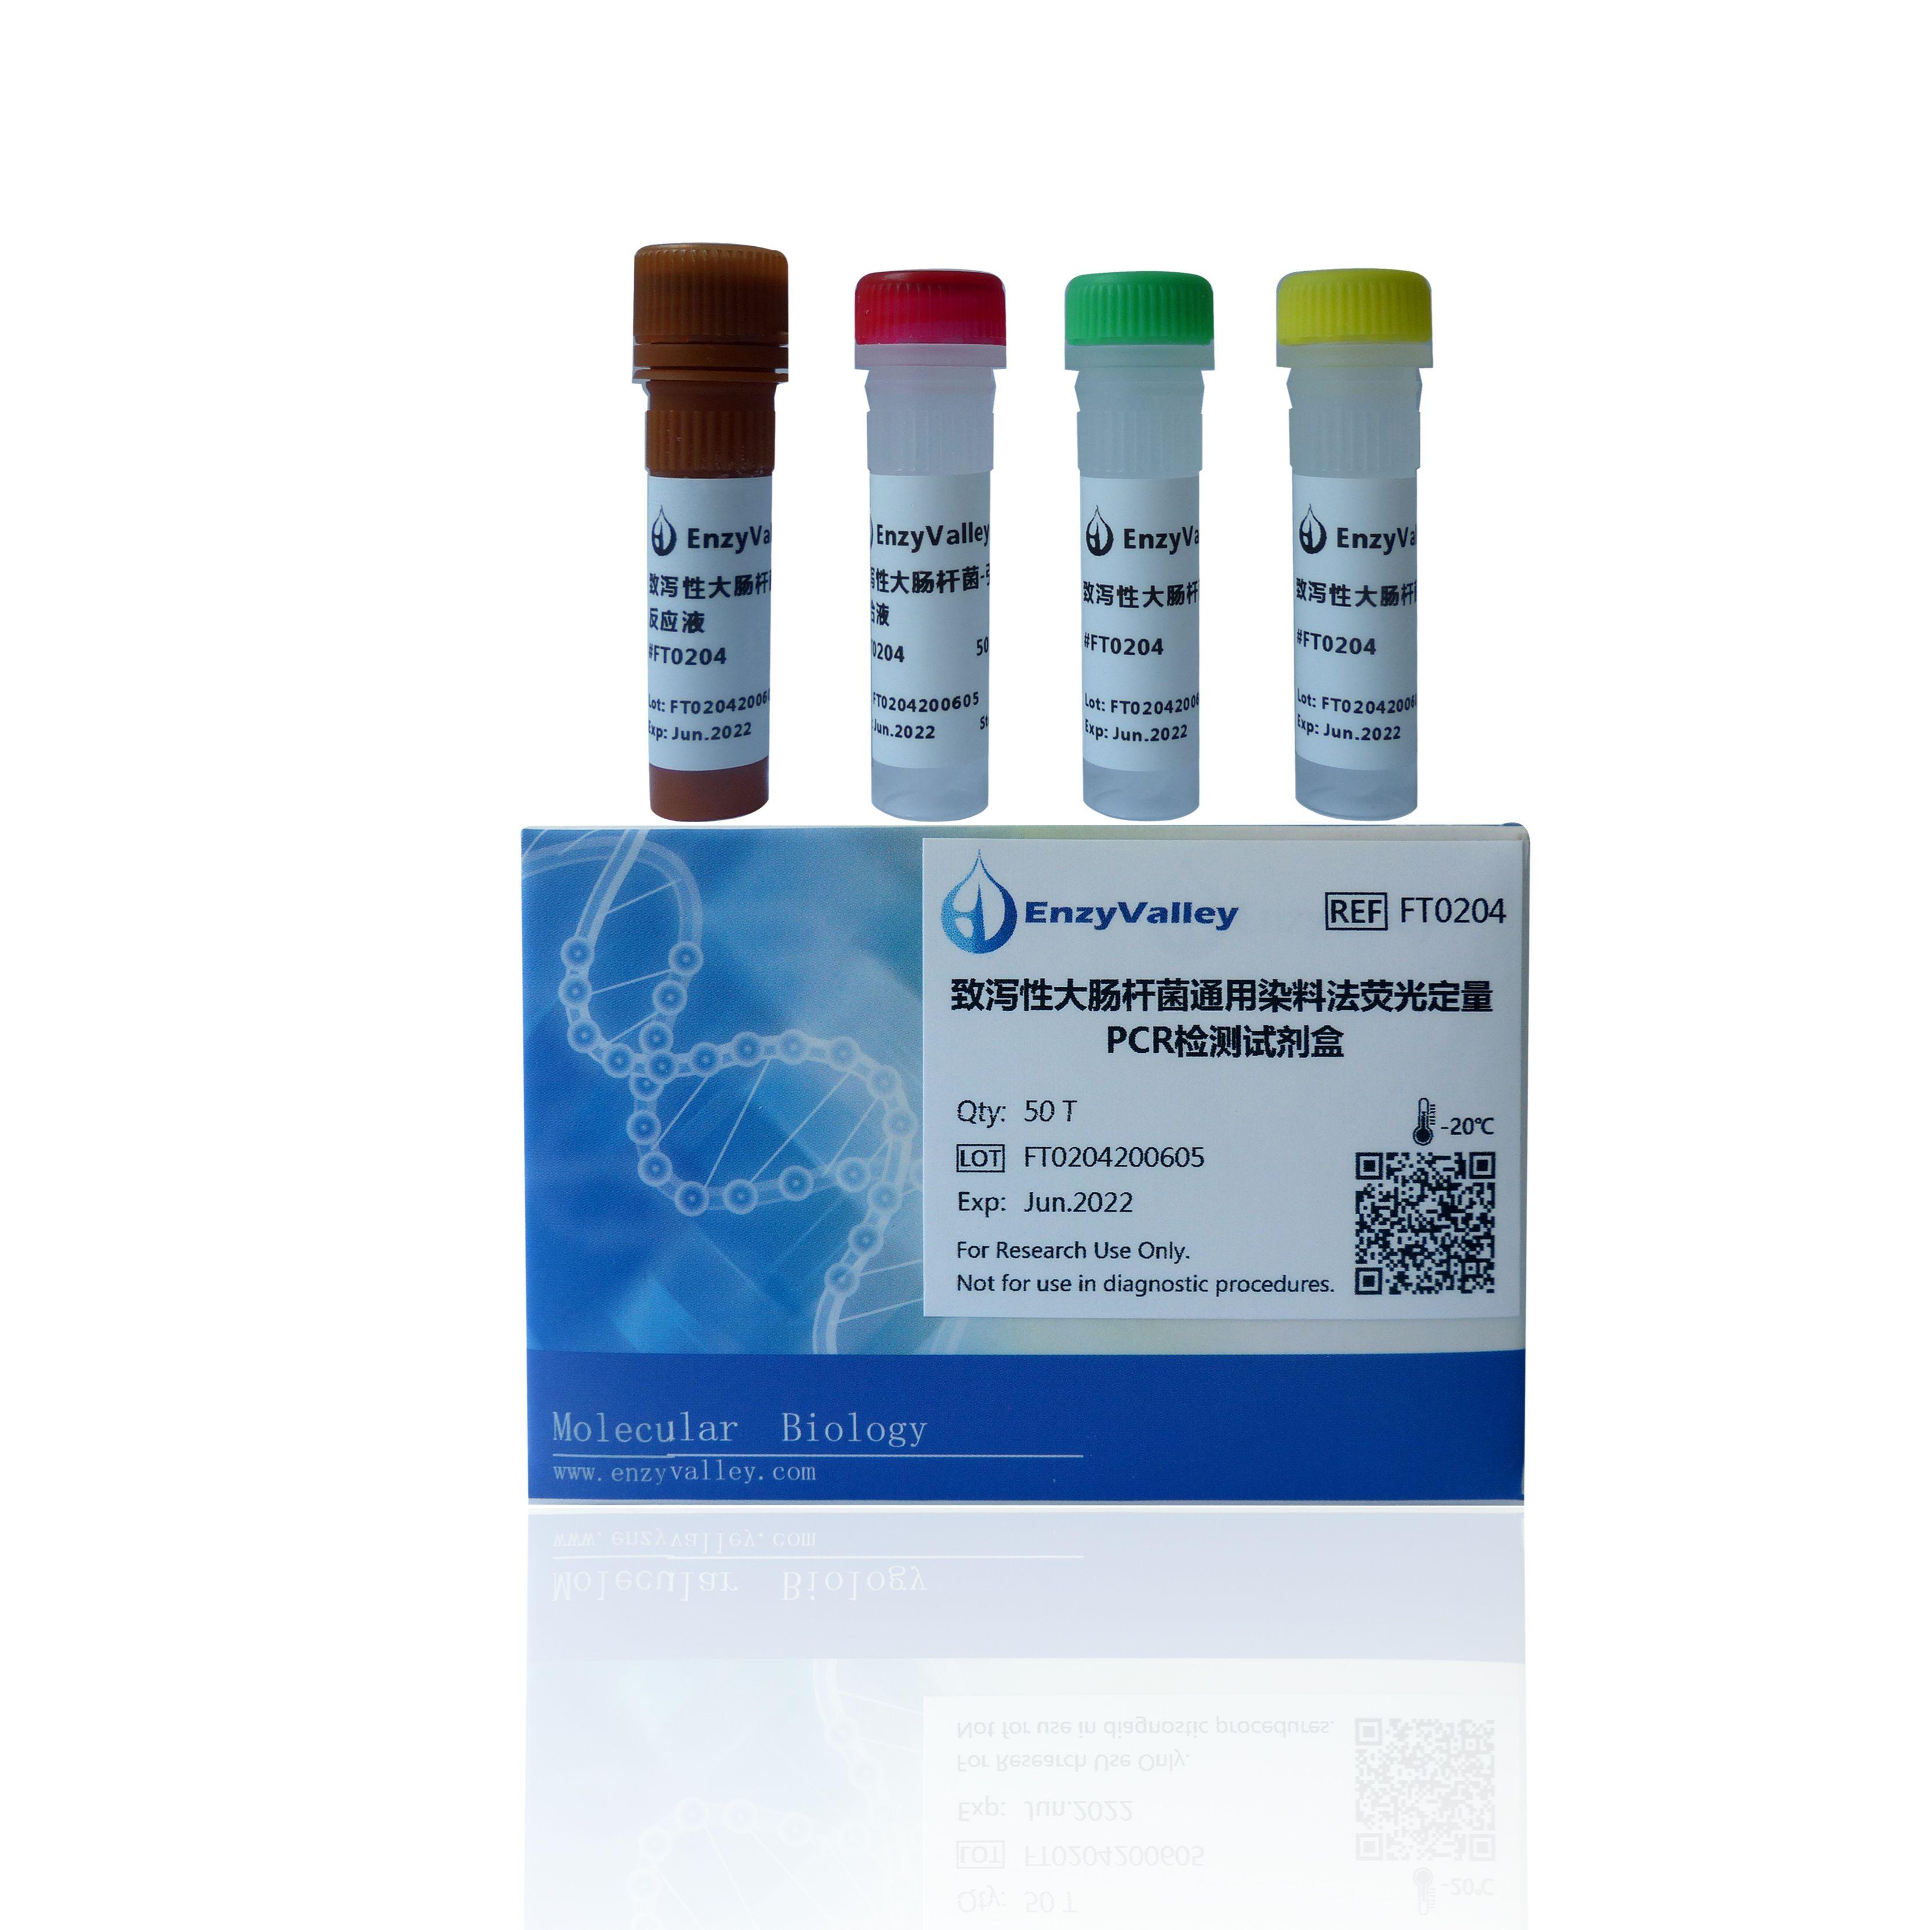 致泻性大肠杆菌通用染料法荧光定量PCR检测试剂盒